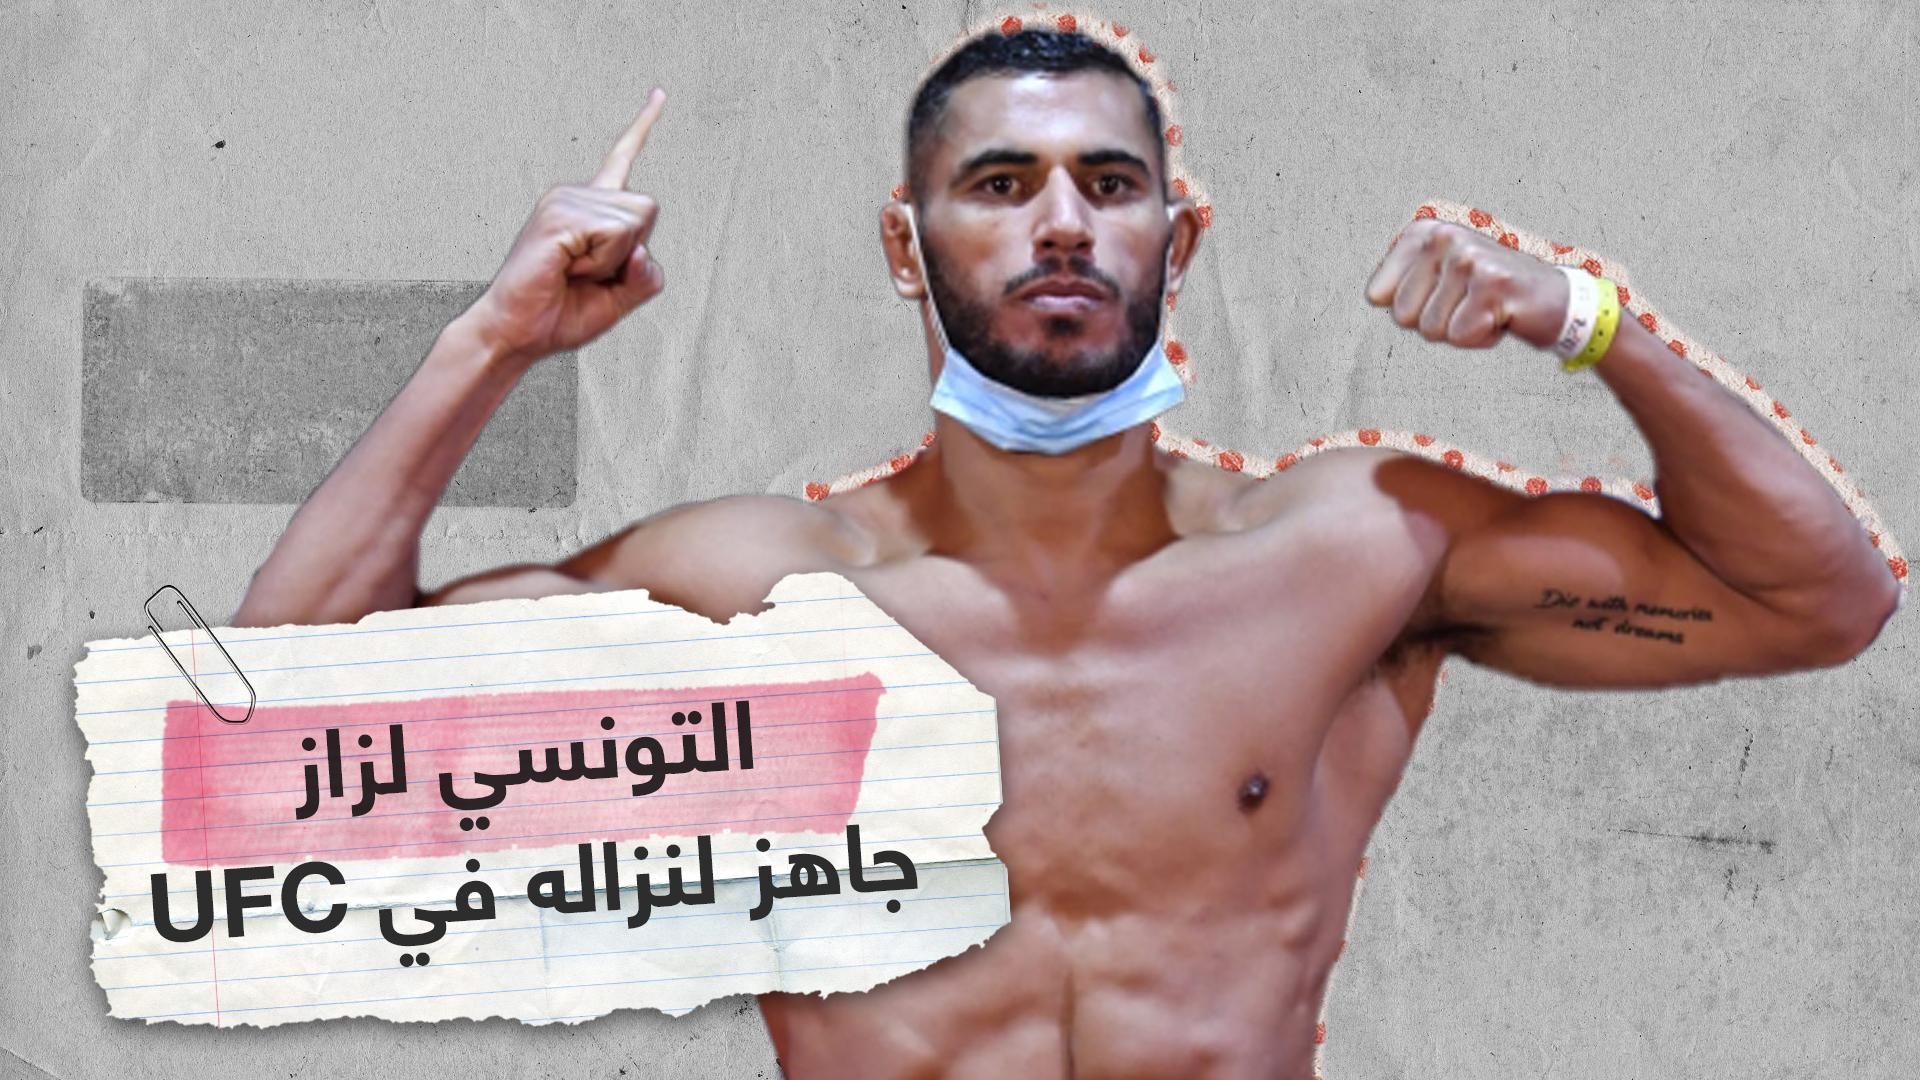 التونسي منير لزاز يستعد لنزاله الأول في UFC